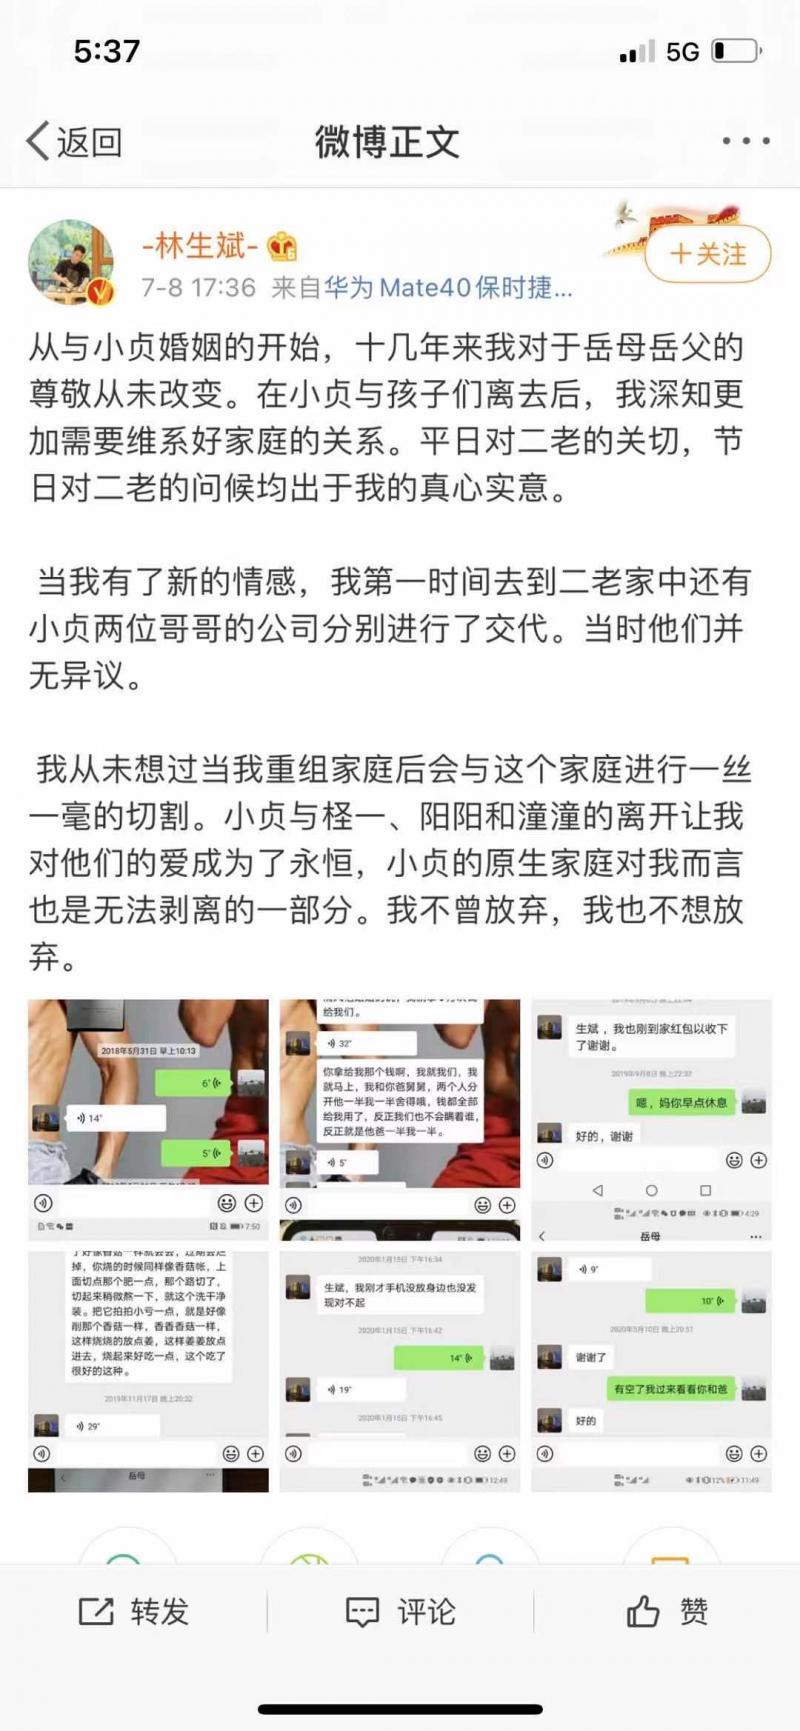 林生斌发文回应再婚:有新感情后第一时间向岳父母交代